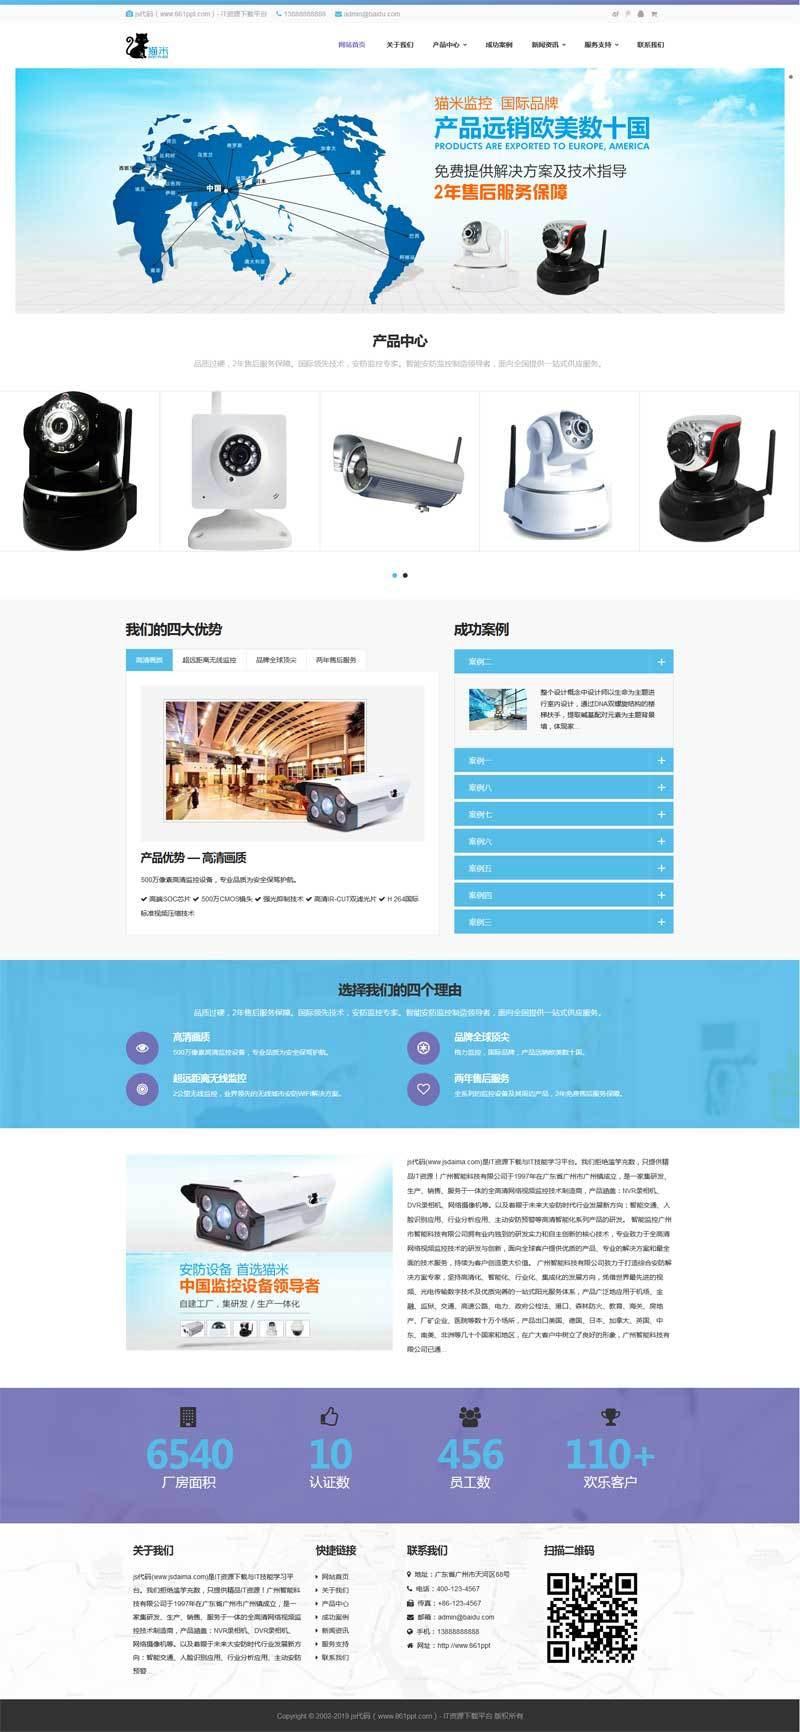 织梦dedecms蓝色大气响应式智能监控设备公司网站模板(自适应手机移动端)